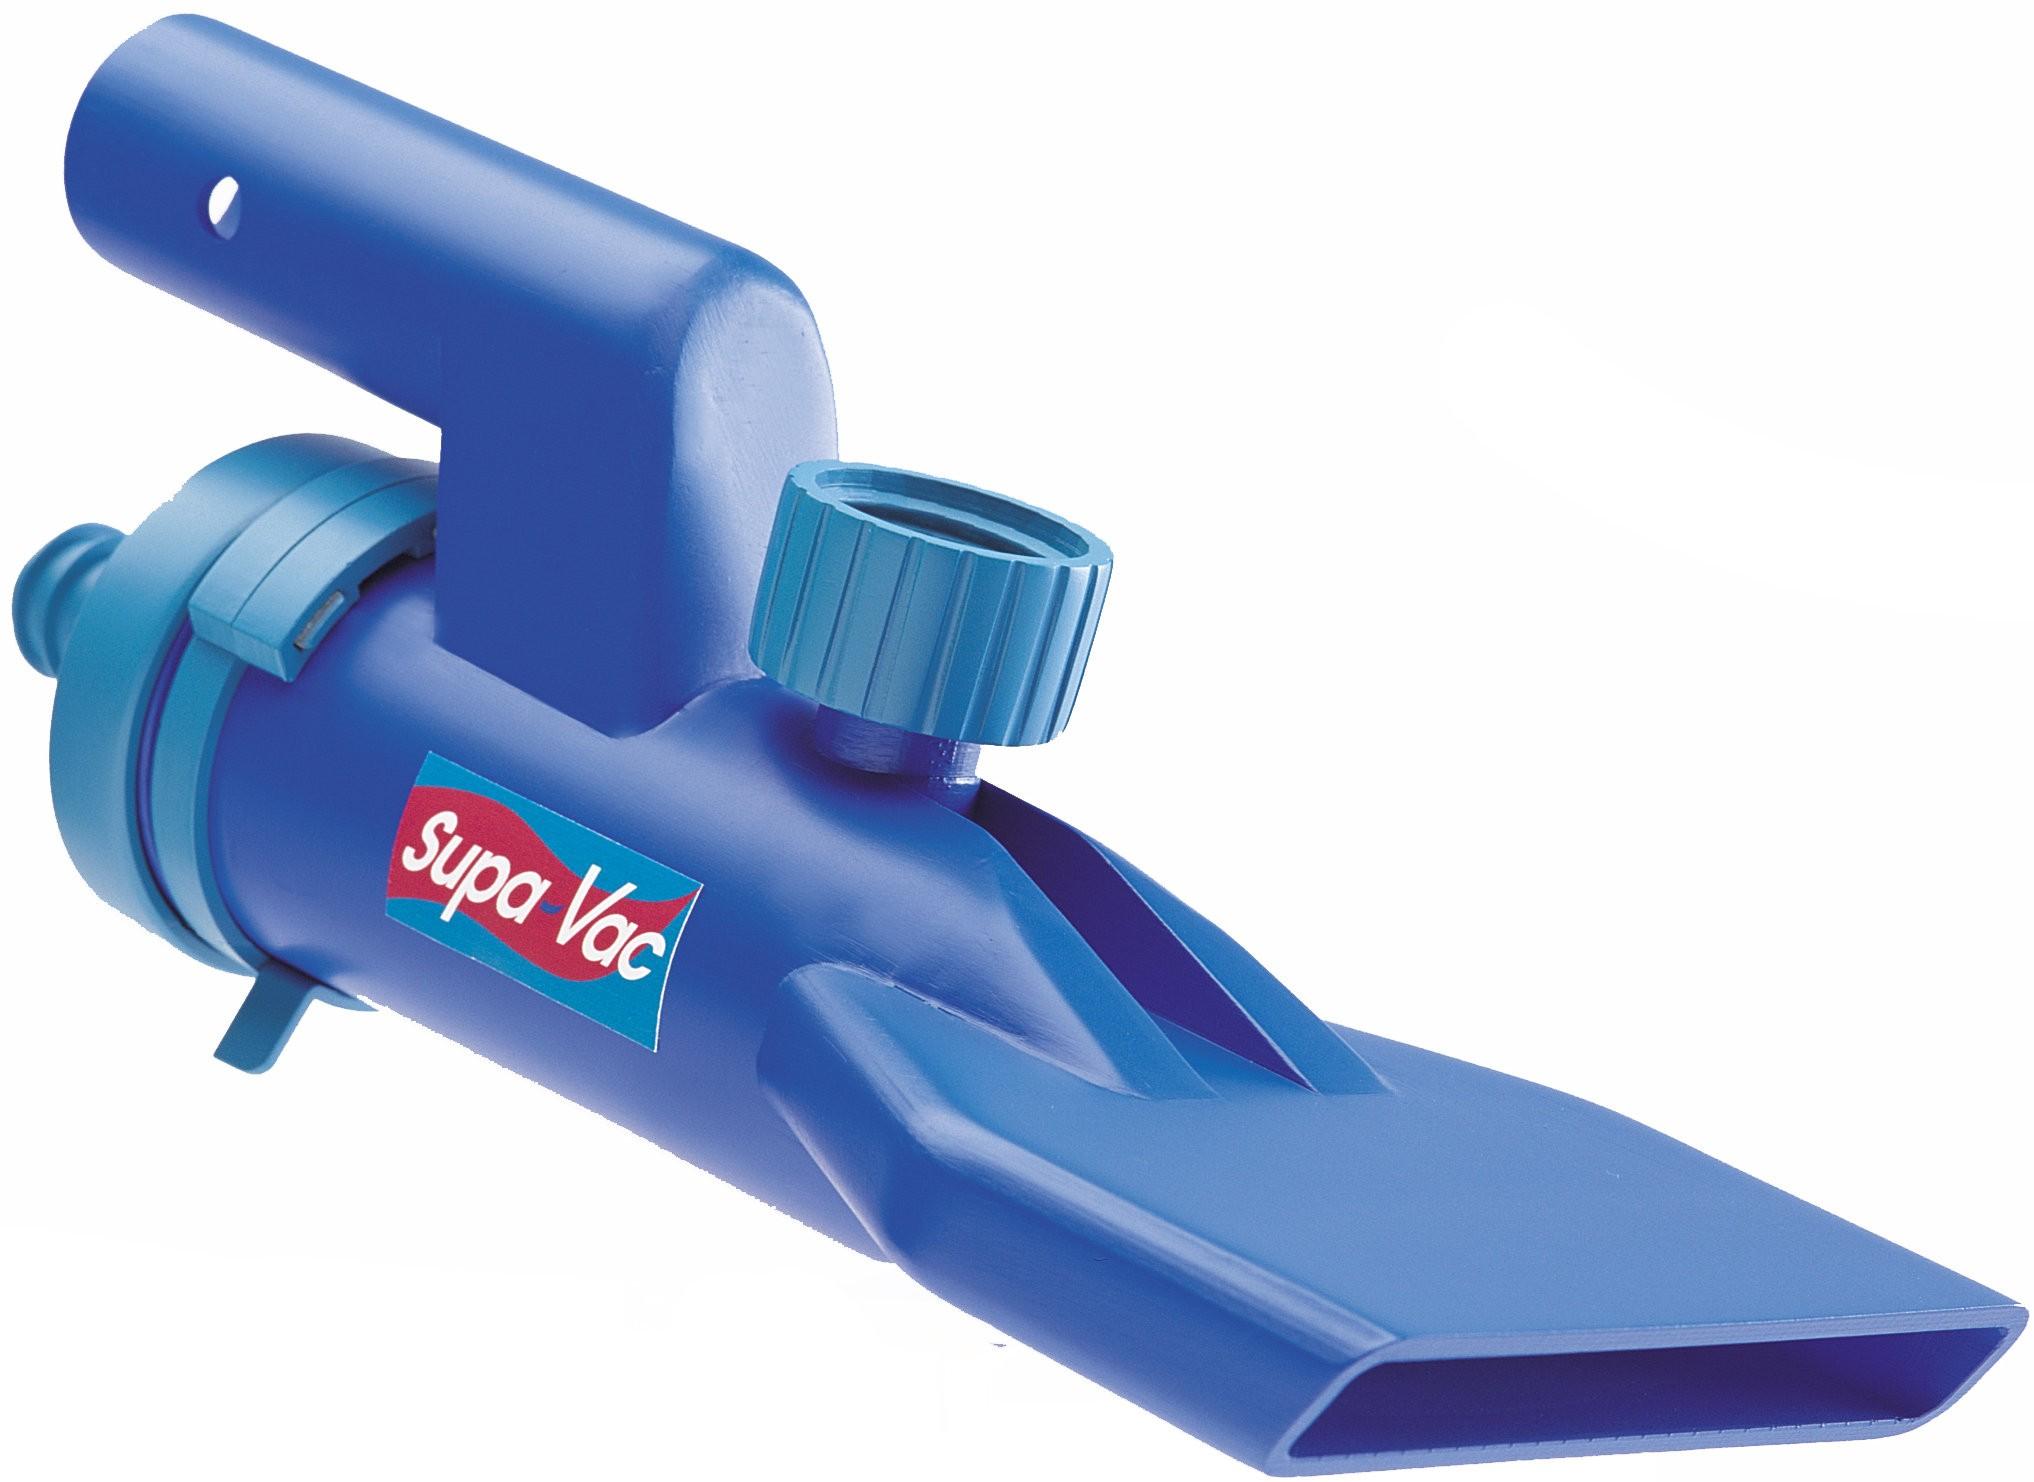 Supa Vac Aspirateur Pour Spa Supa Vac Aspirateur Pour Spa Pour Spa